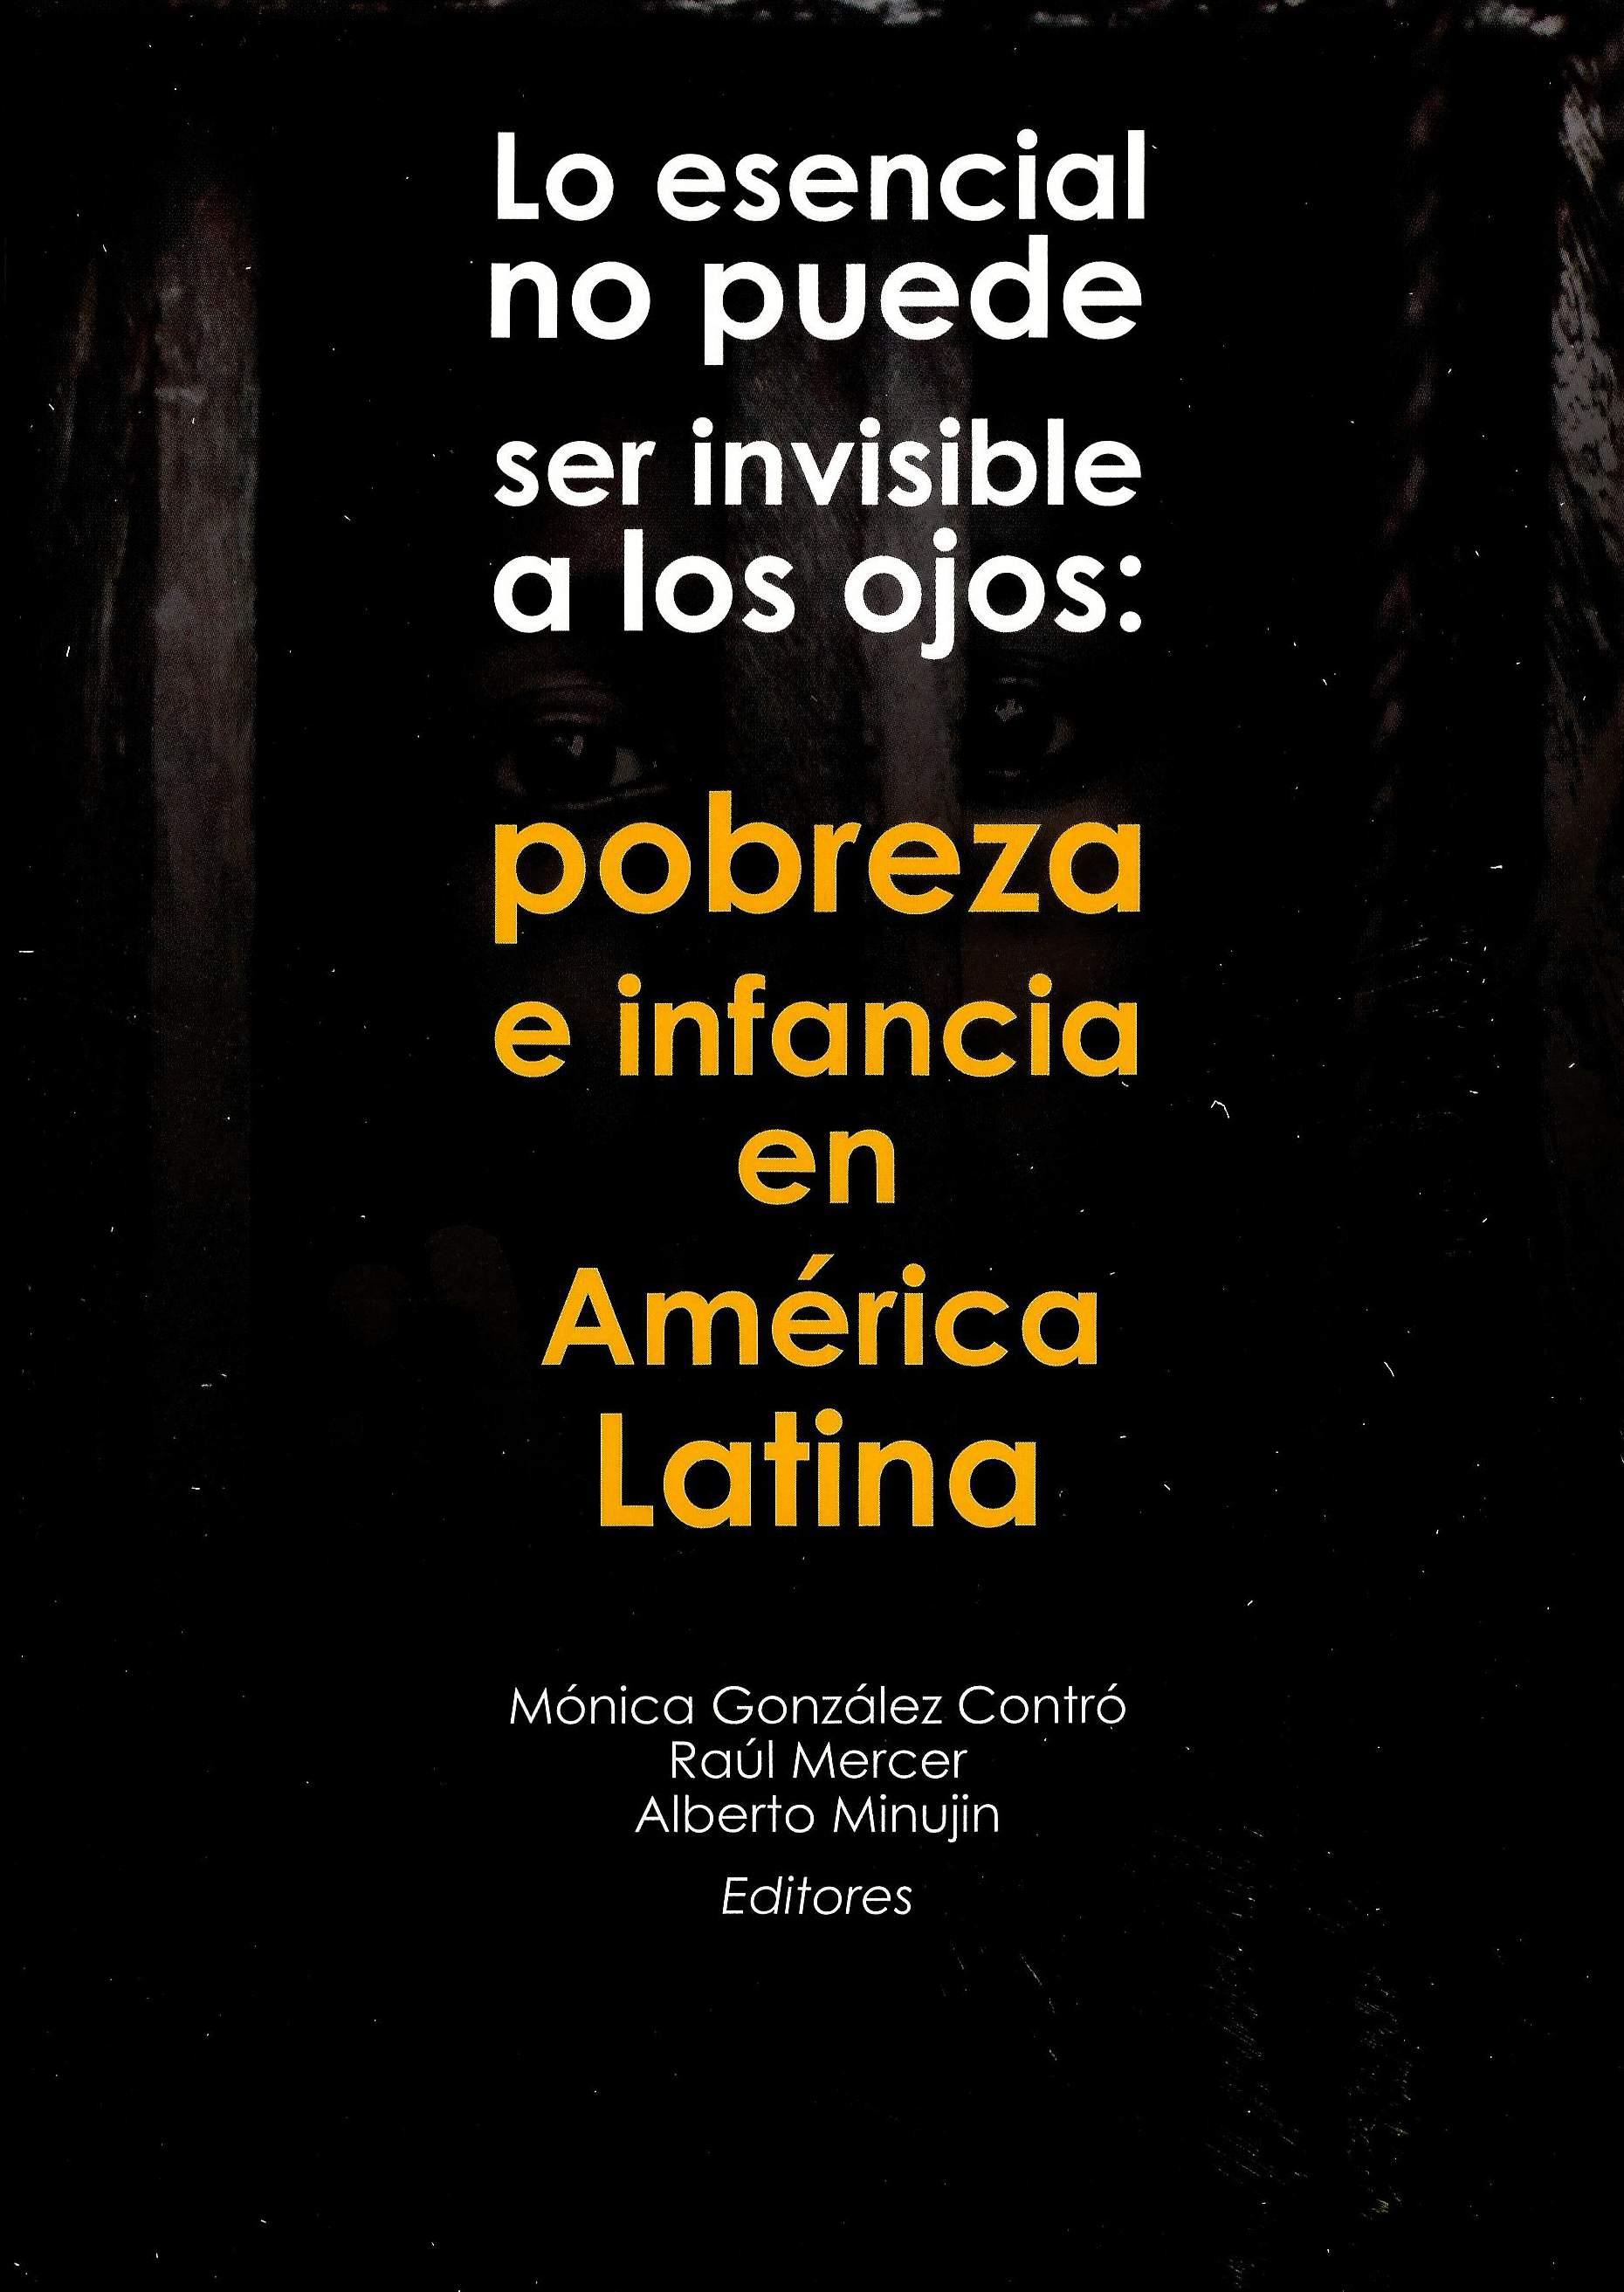 Lo esencial no puede ser invisible a los ojos: pobreza e infancia en América Latina